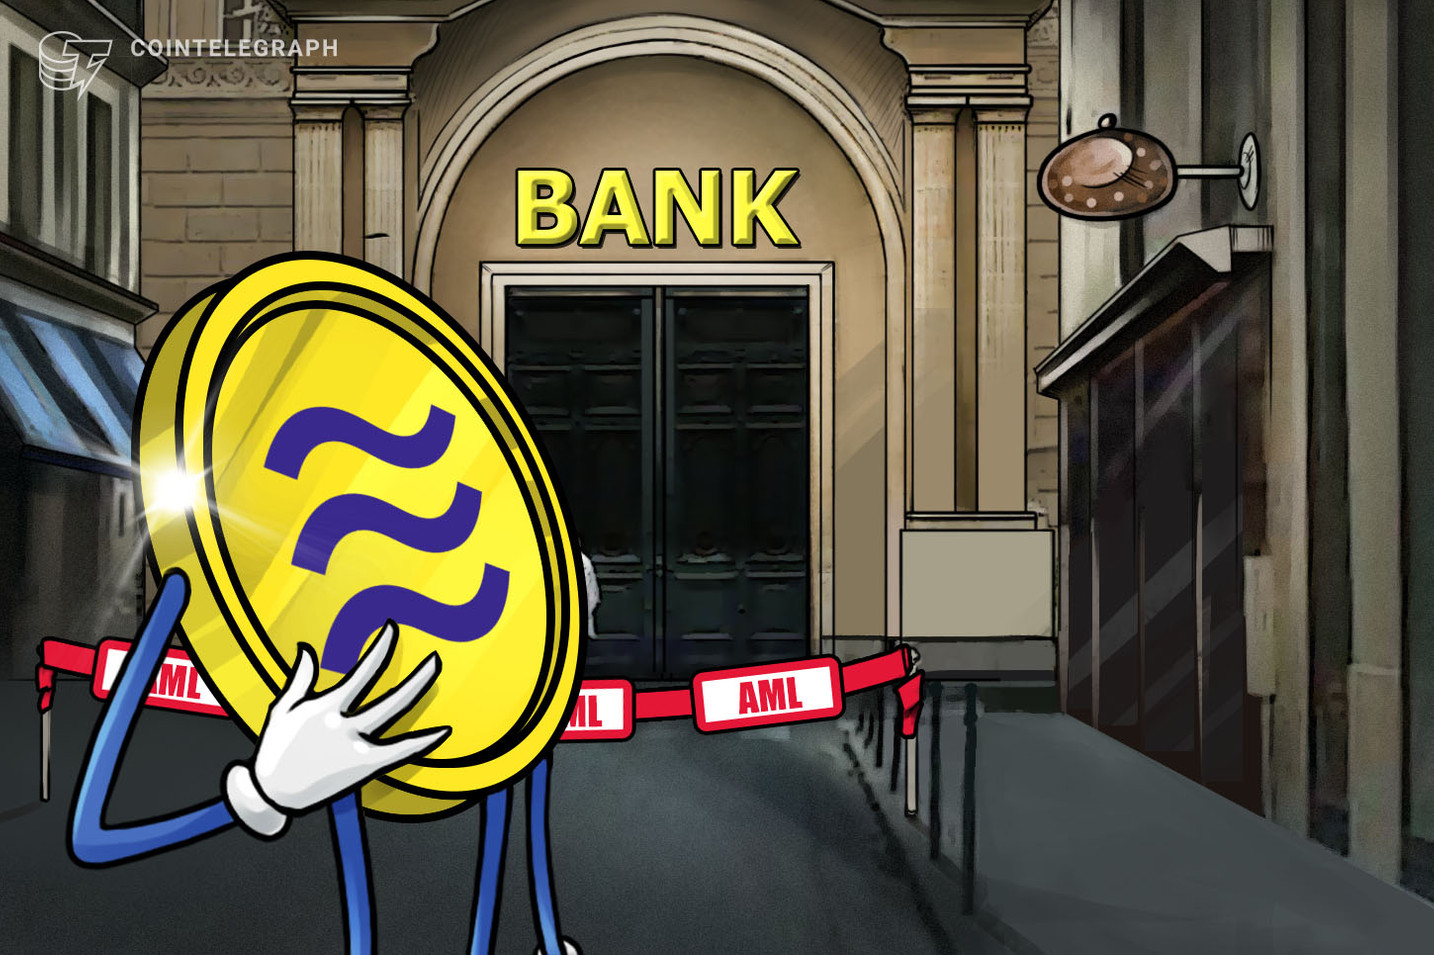 Banco central francés: Libra de Facebook podría necesitar una licencia bancaria